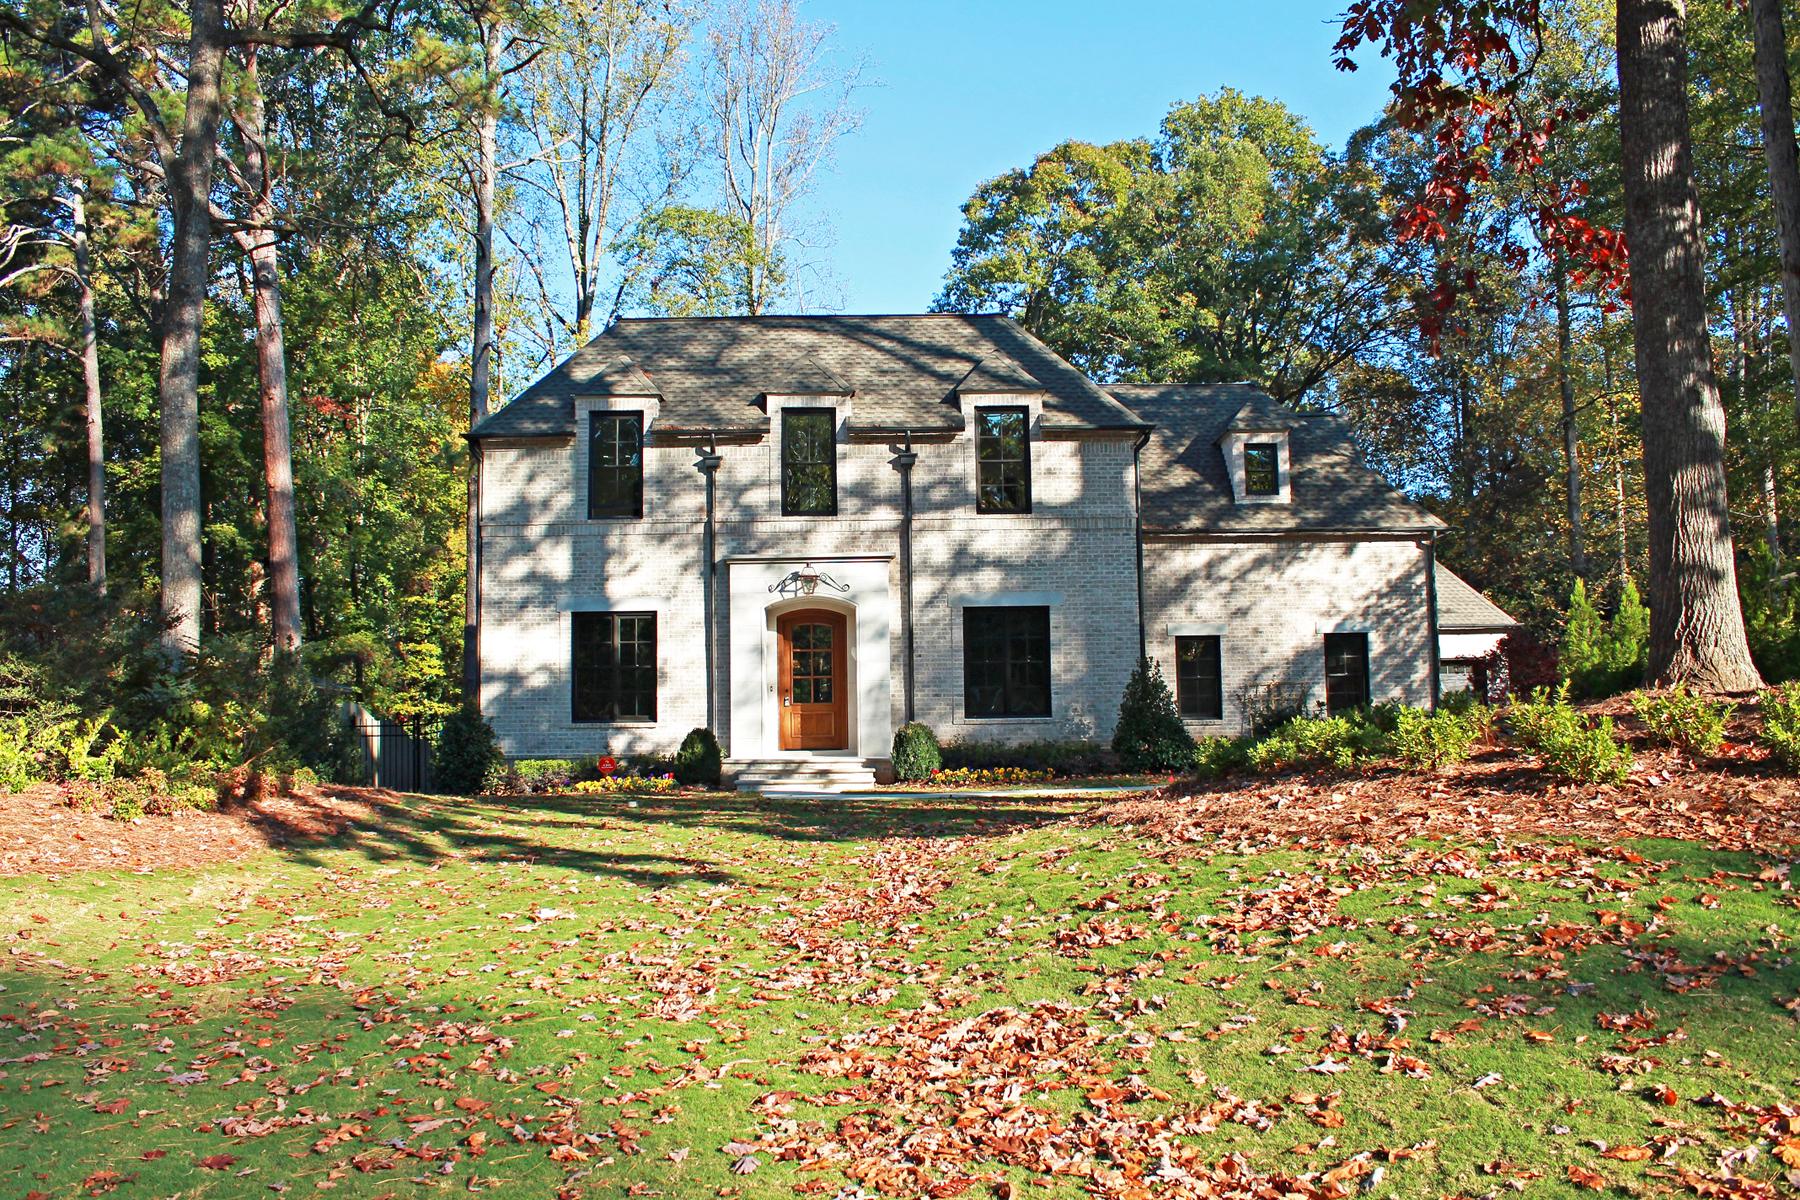 一戸建て のために 売買 アット Incredible Yong Pak Design 1323 Battleview Drive Buckhead, Atlanta, ジョージア, 30327 アメリカ合衆国